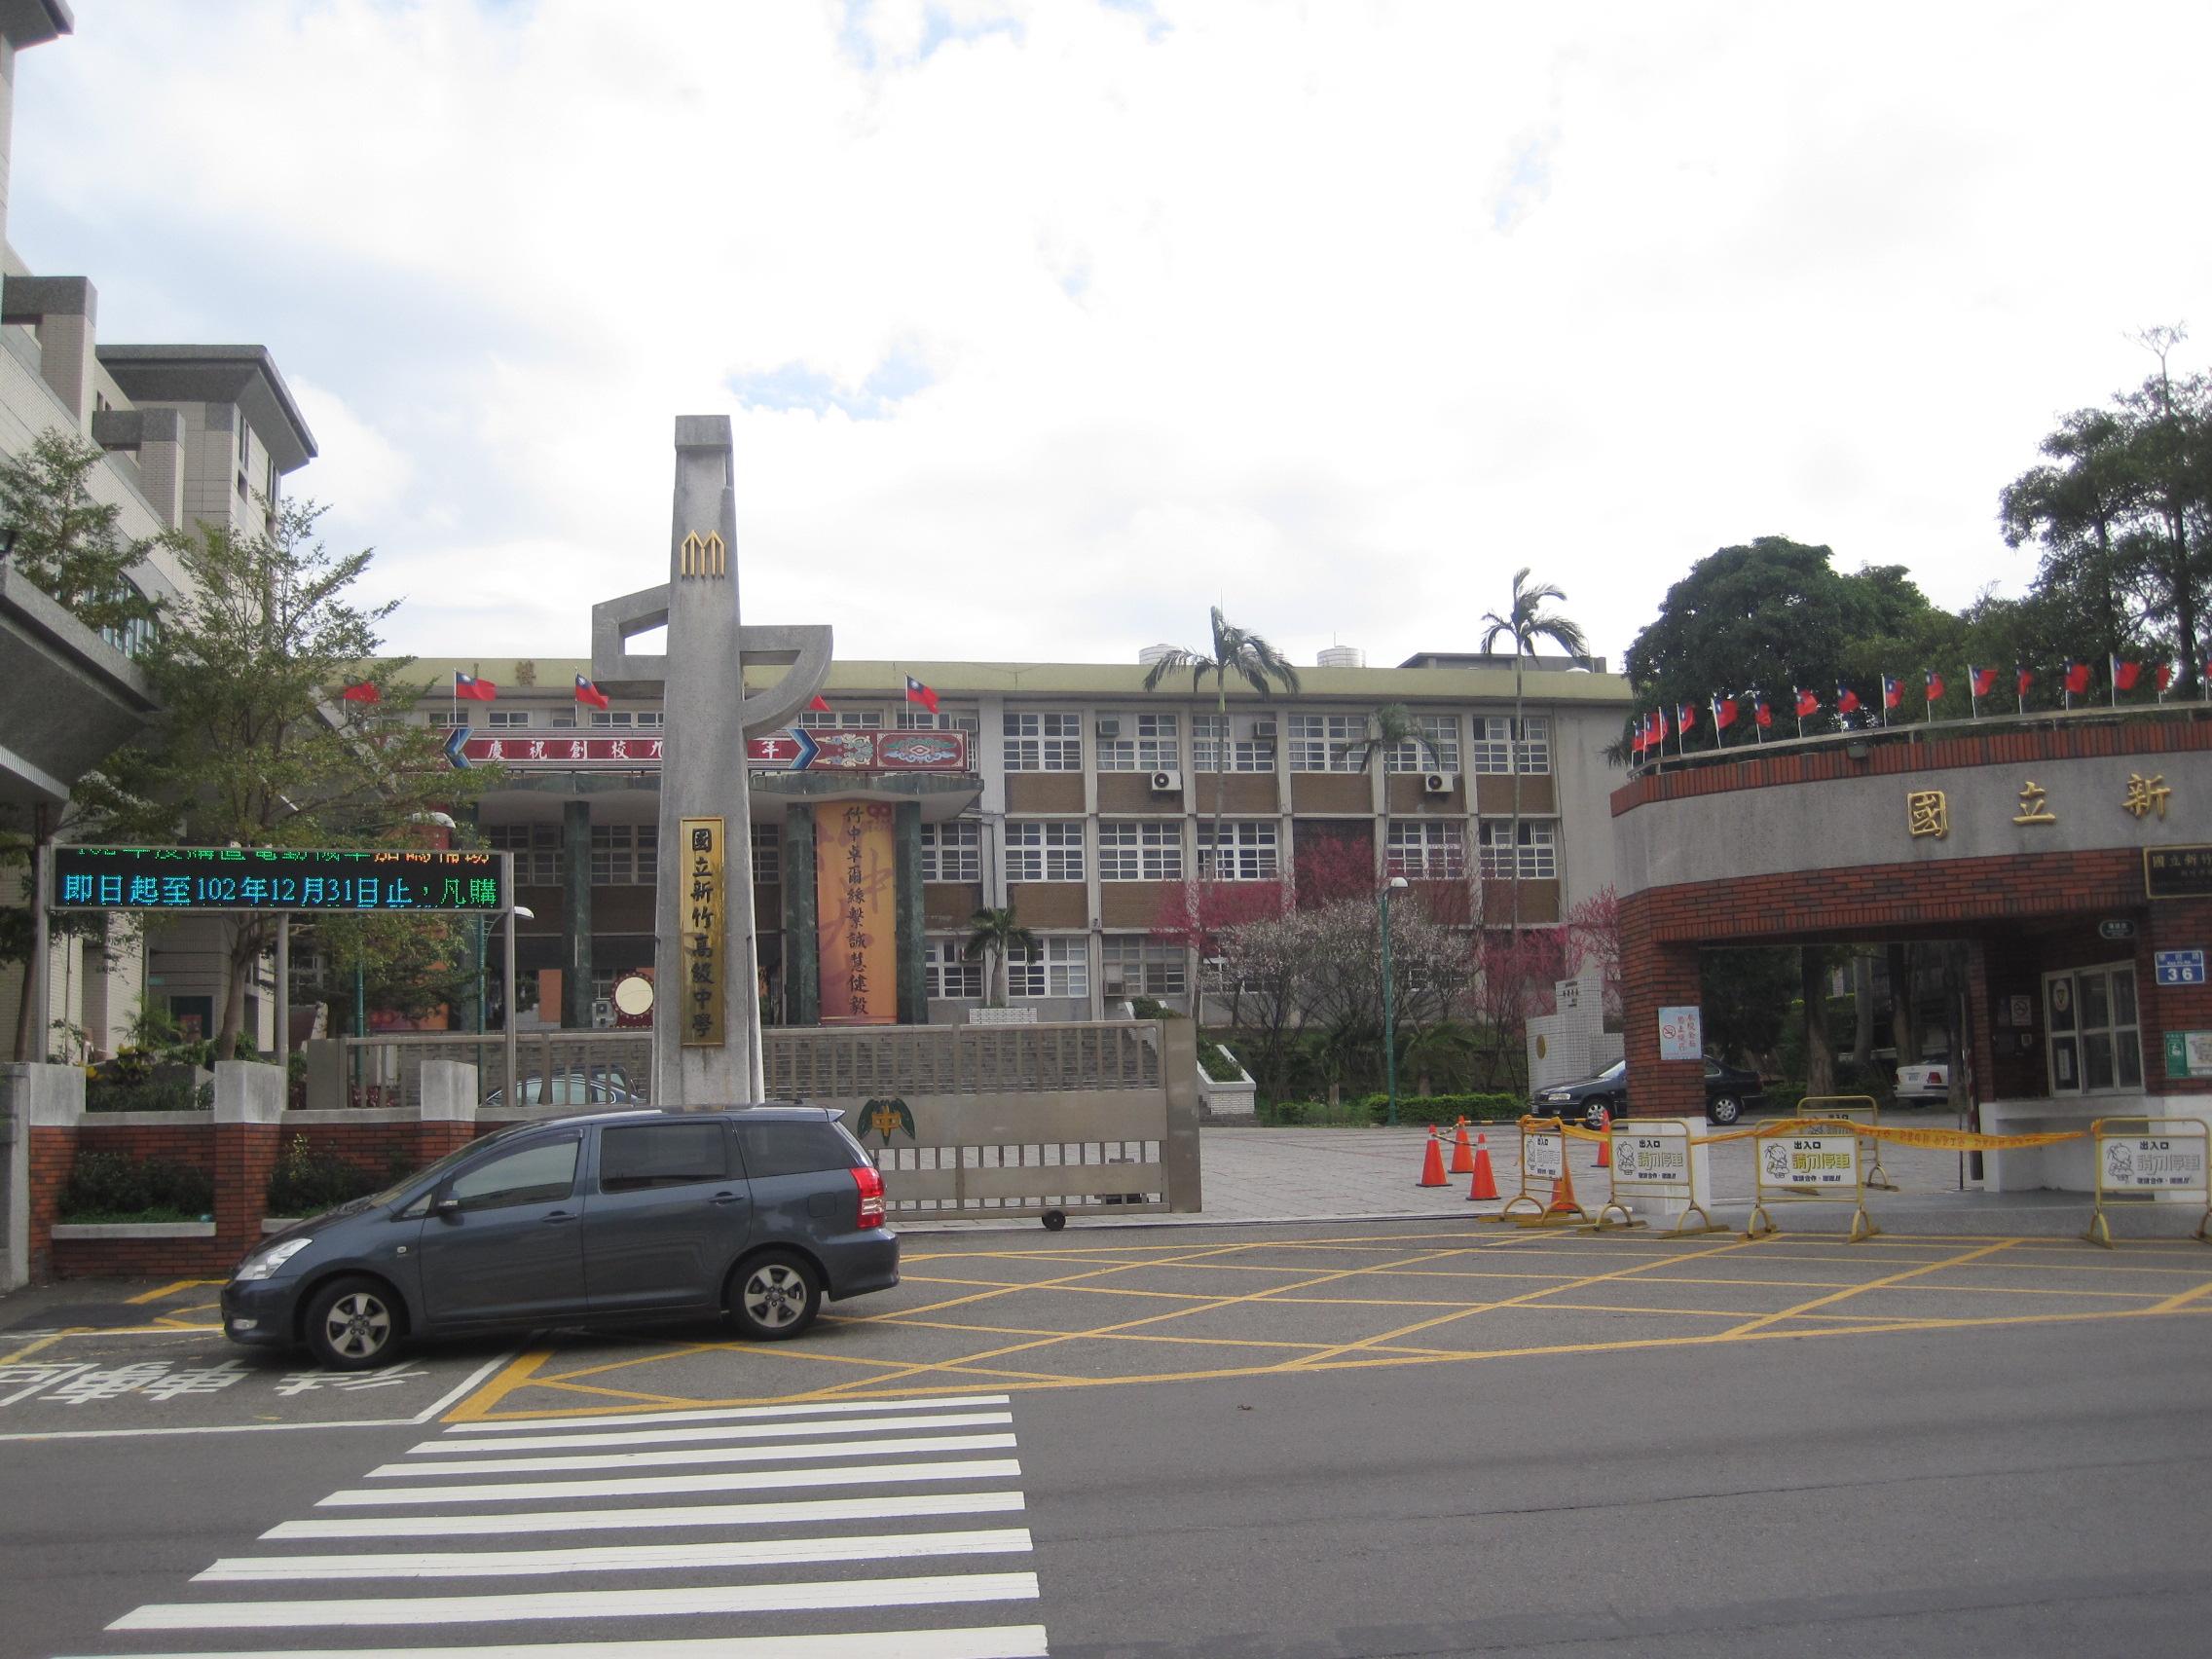 「新竹高中」的圖片搜尋結果